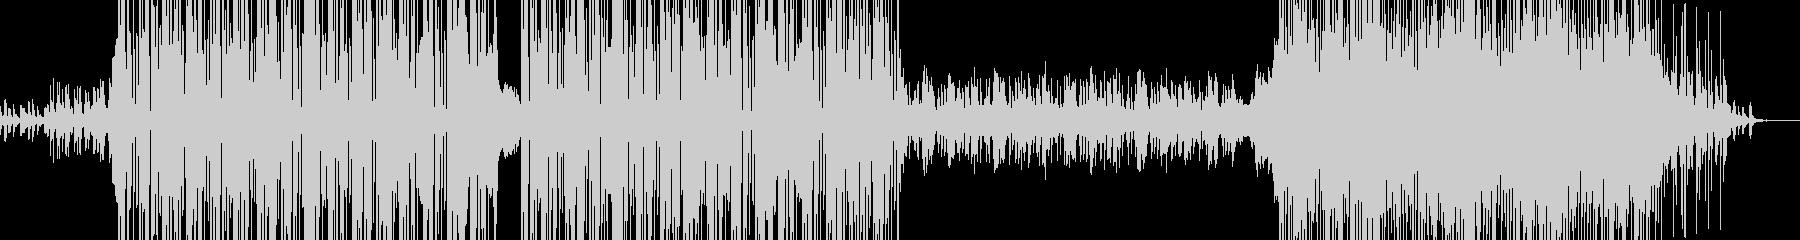 いいテンポ感のテクノBGMの未再生の波形